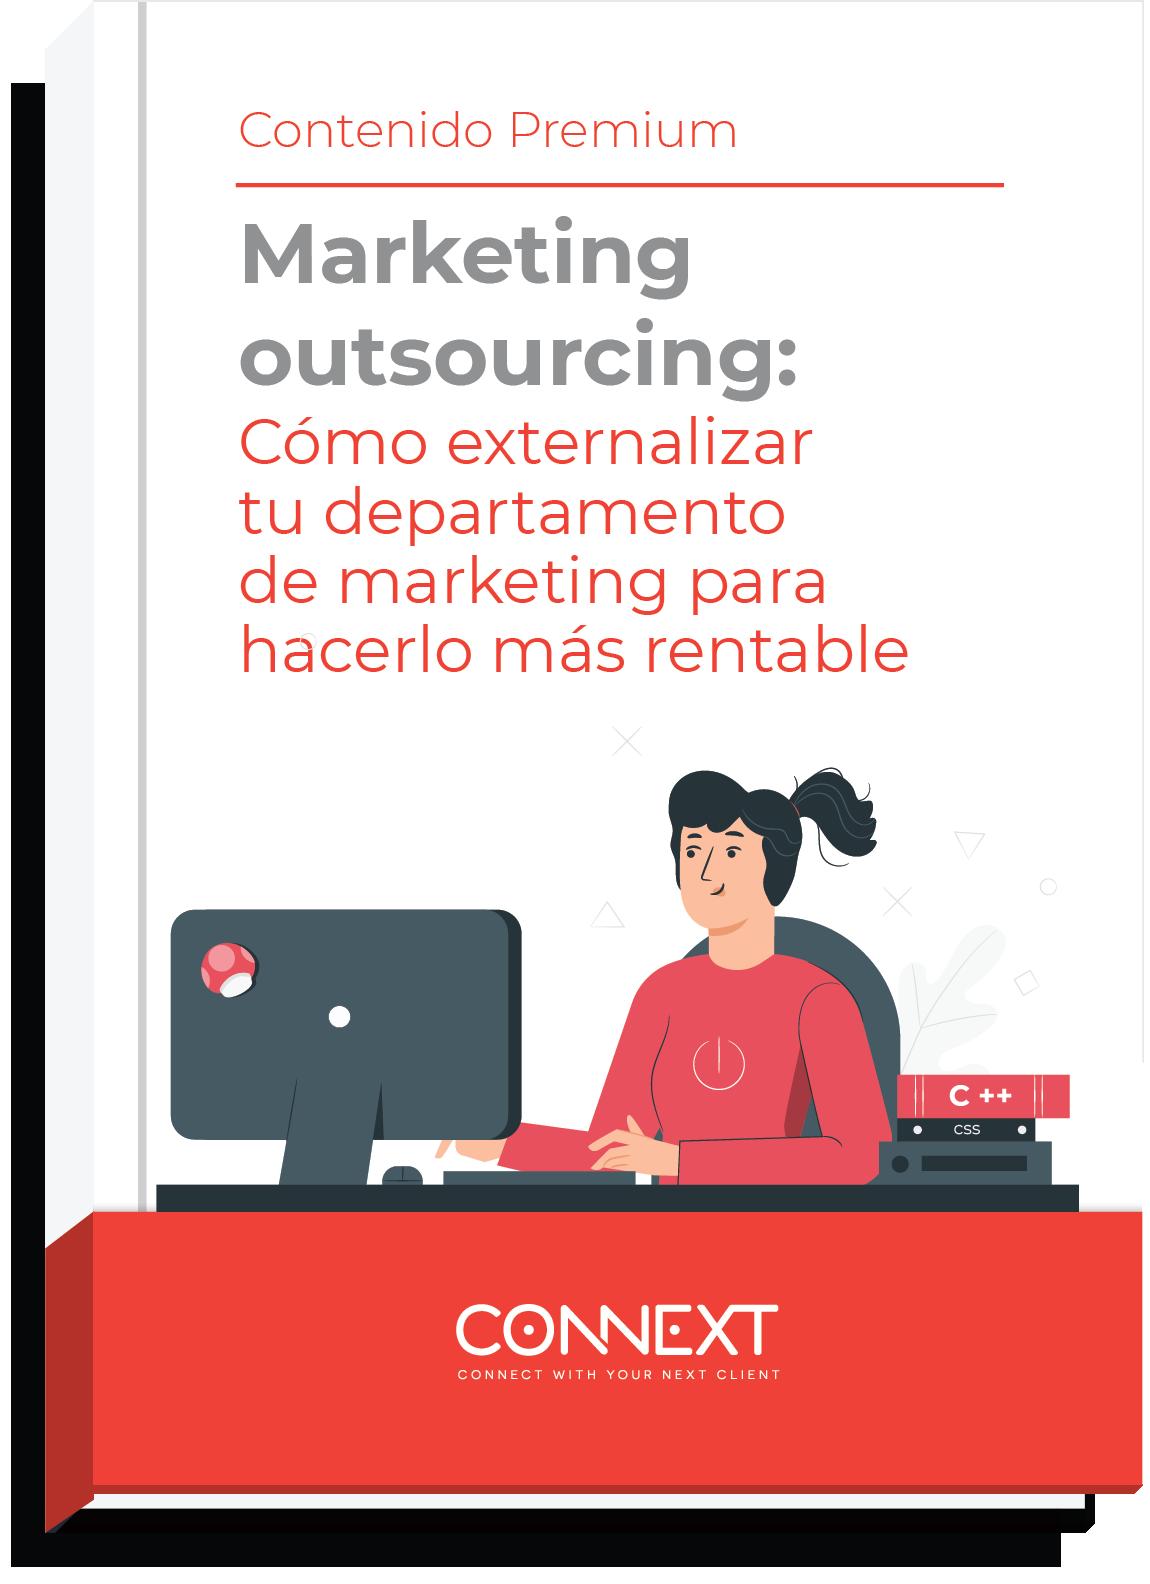 guia-marketing-outsourcing